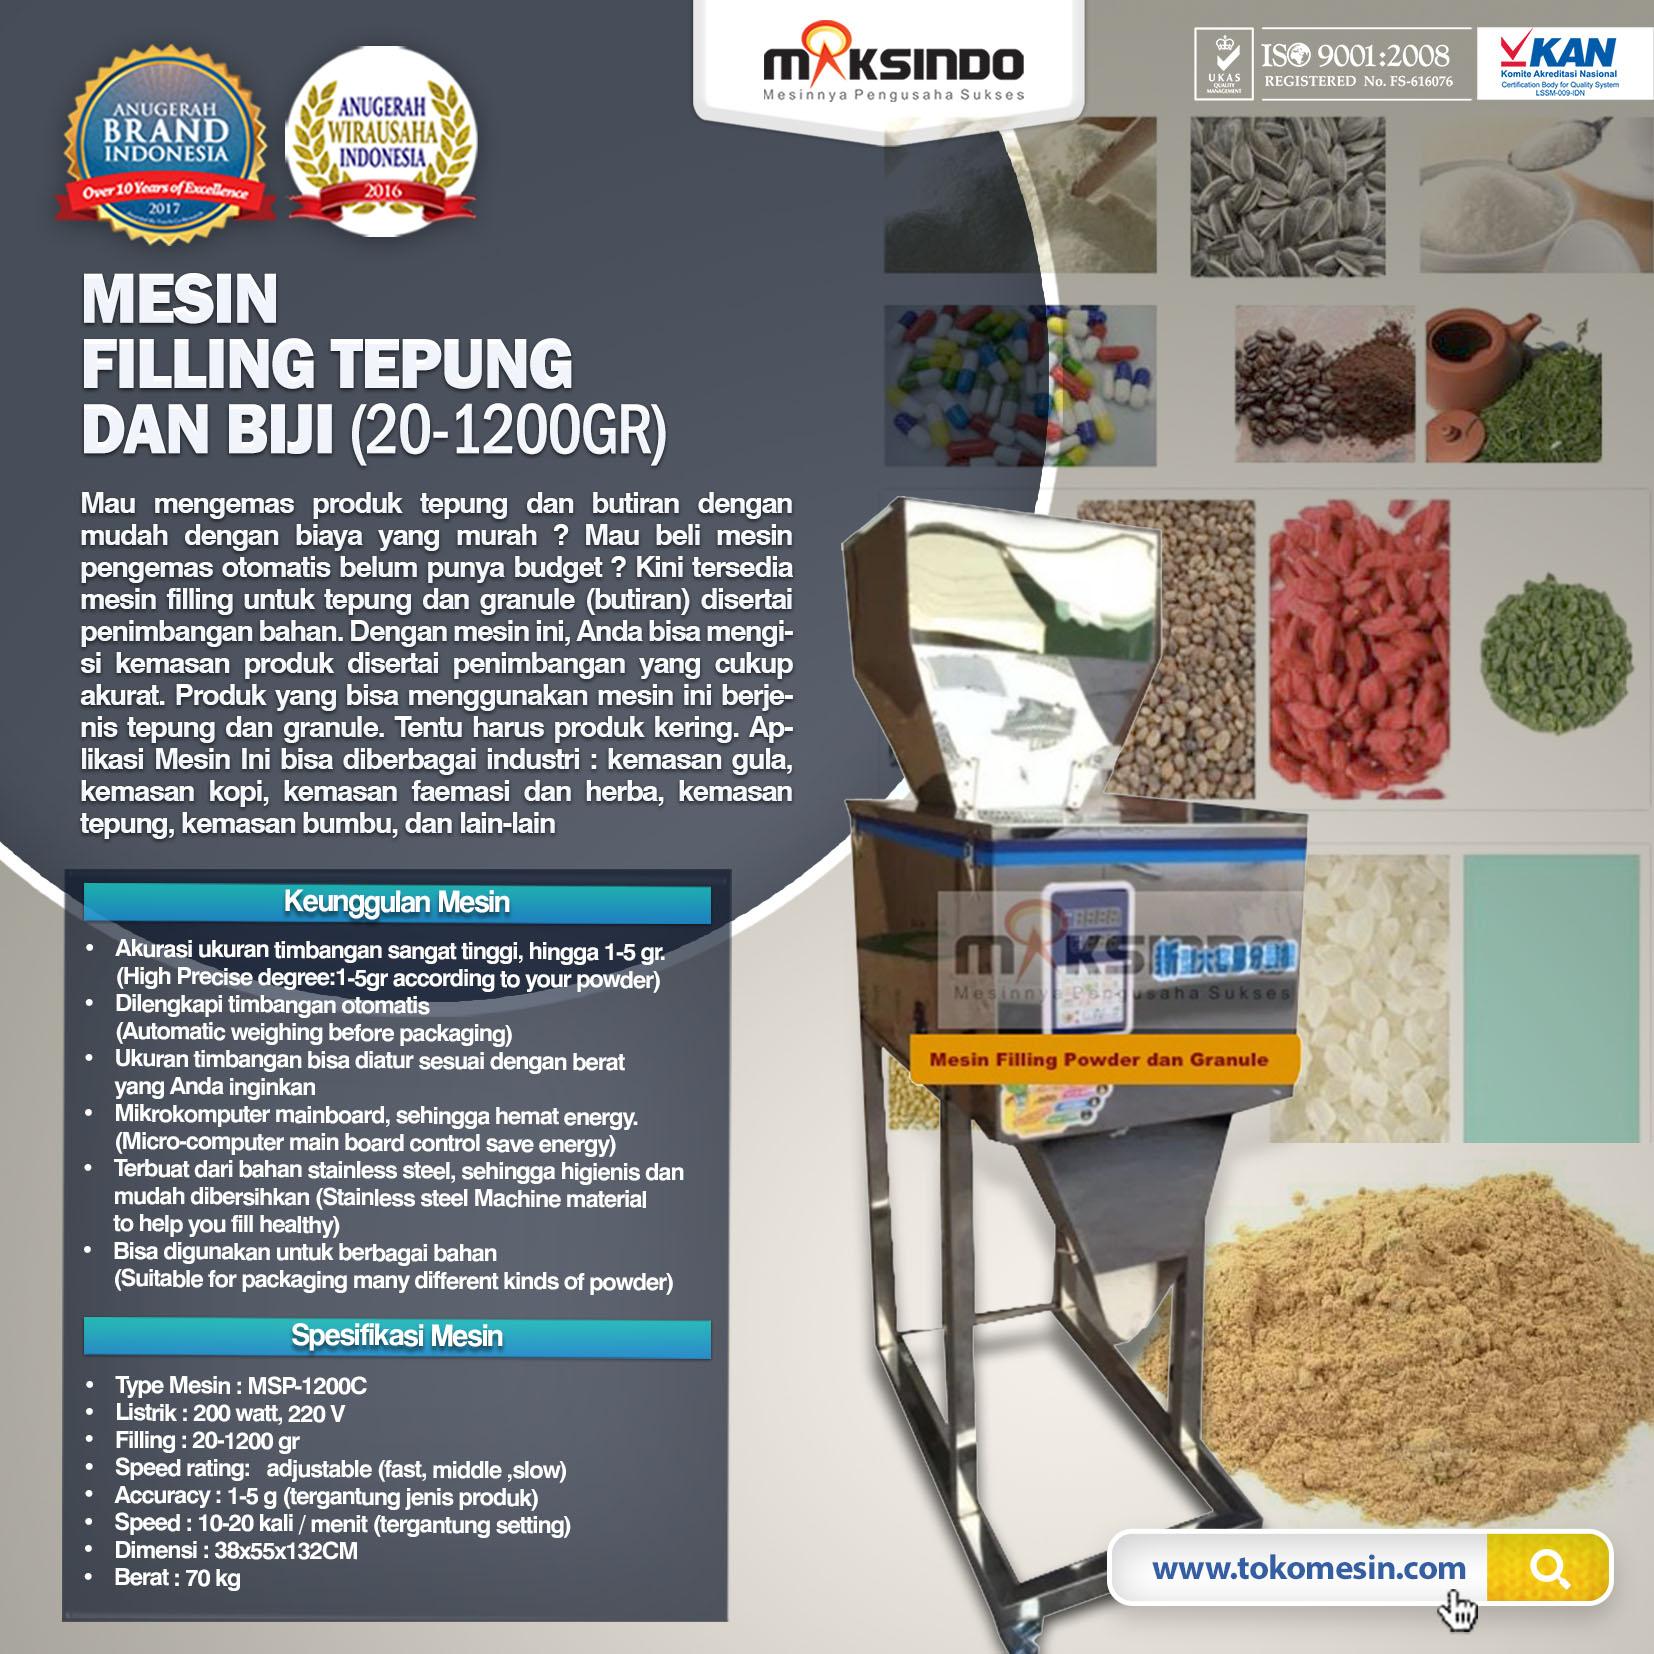 Jual Mesin Filling Tepung dan Biji (20-1200gr) di Blitar